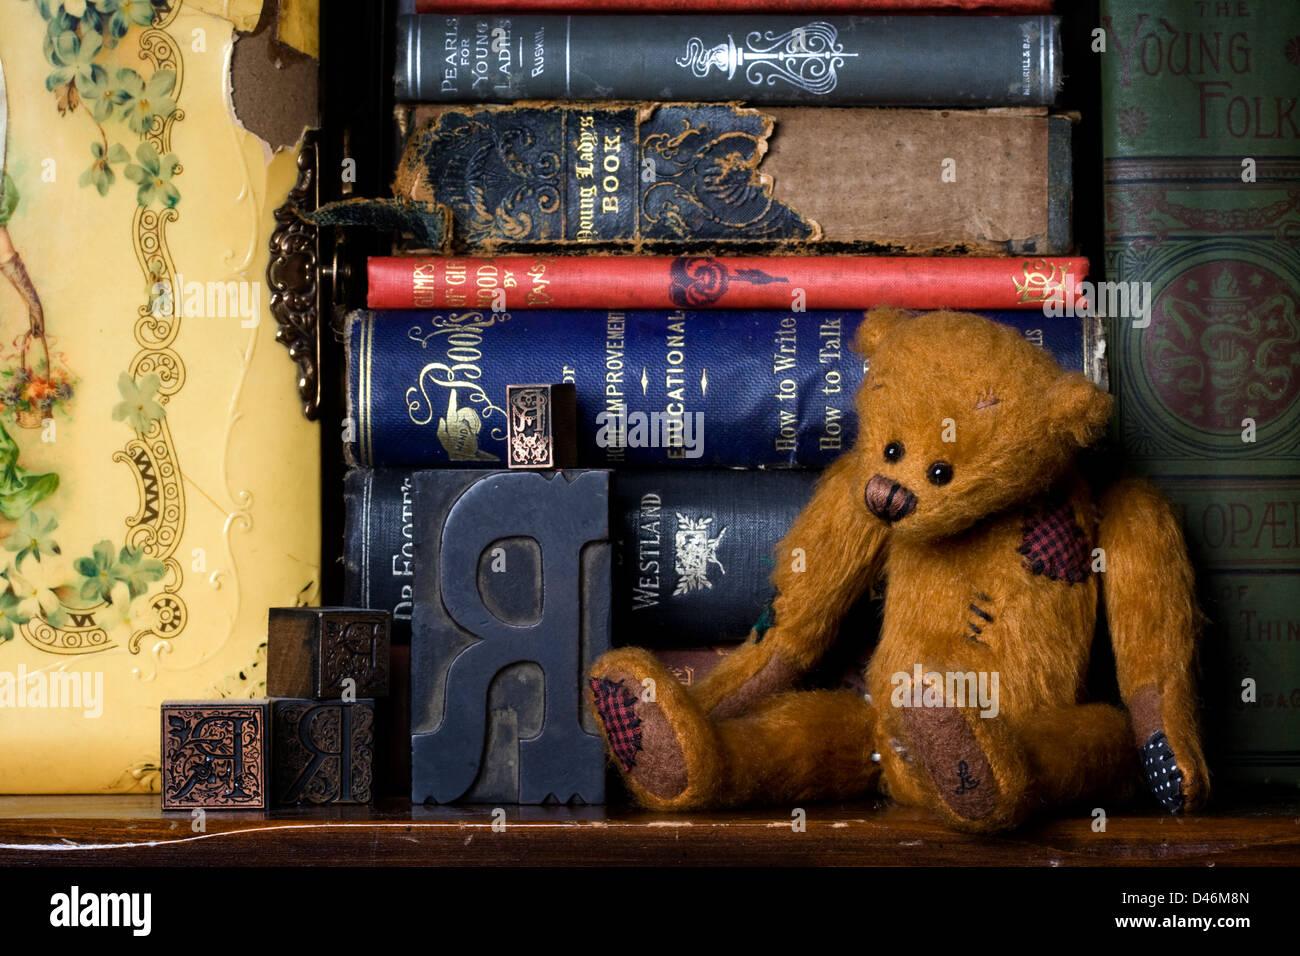 Ein Bucherregal Stillleben Mit Einem Gegliederten Teddybaren